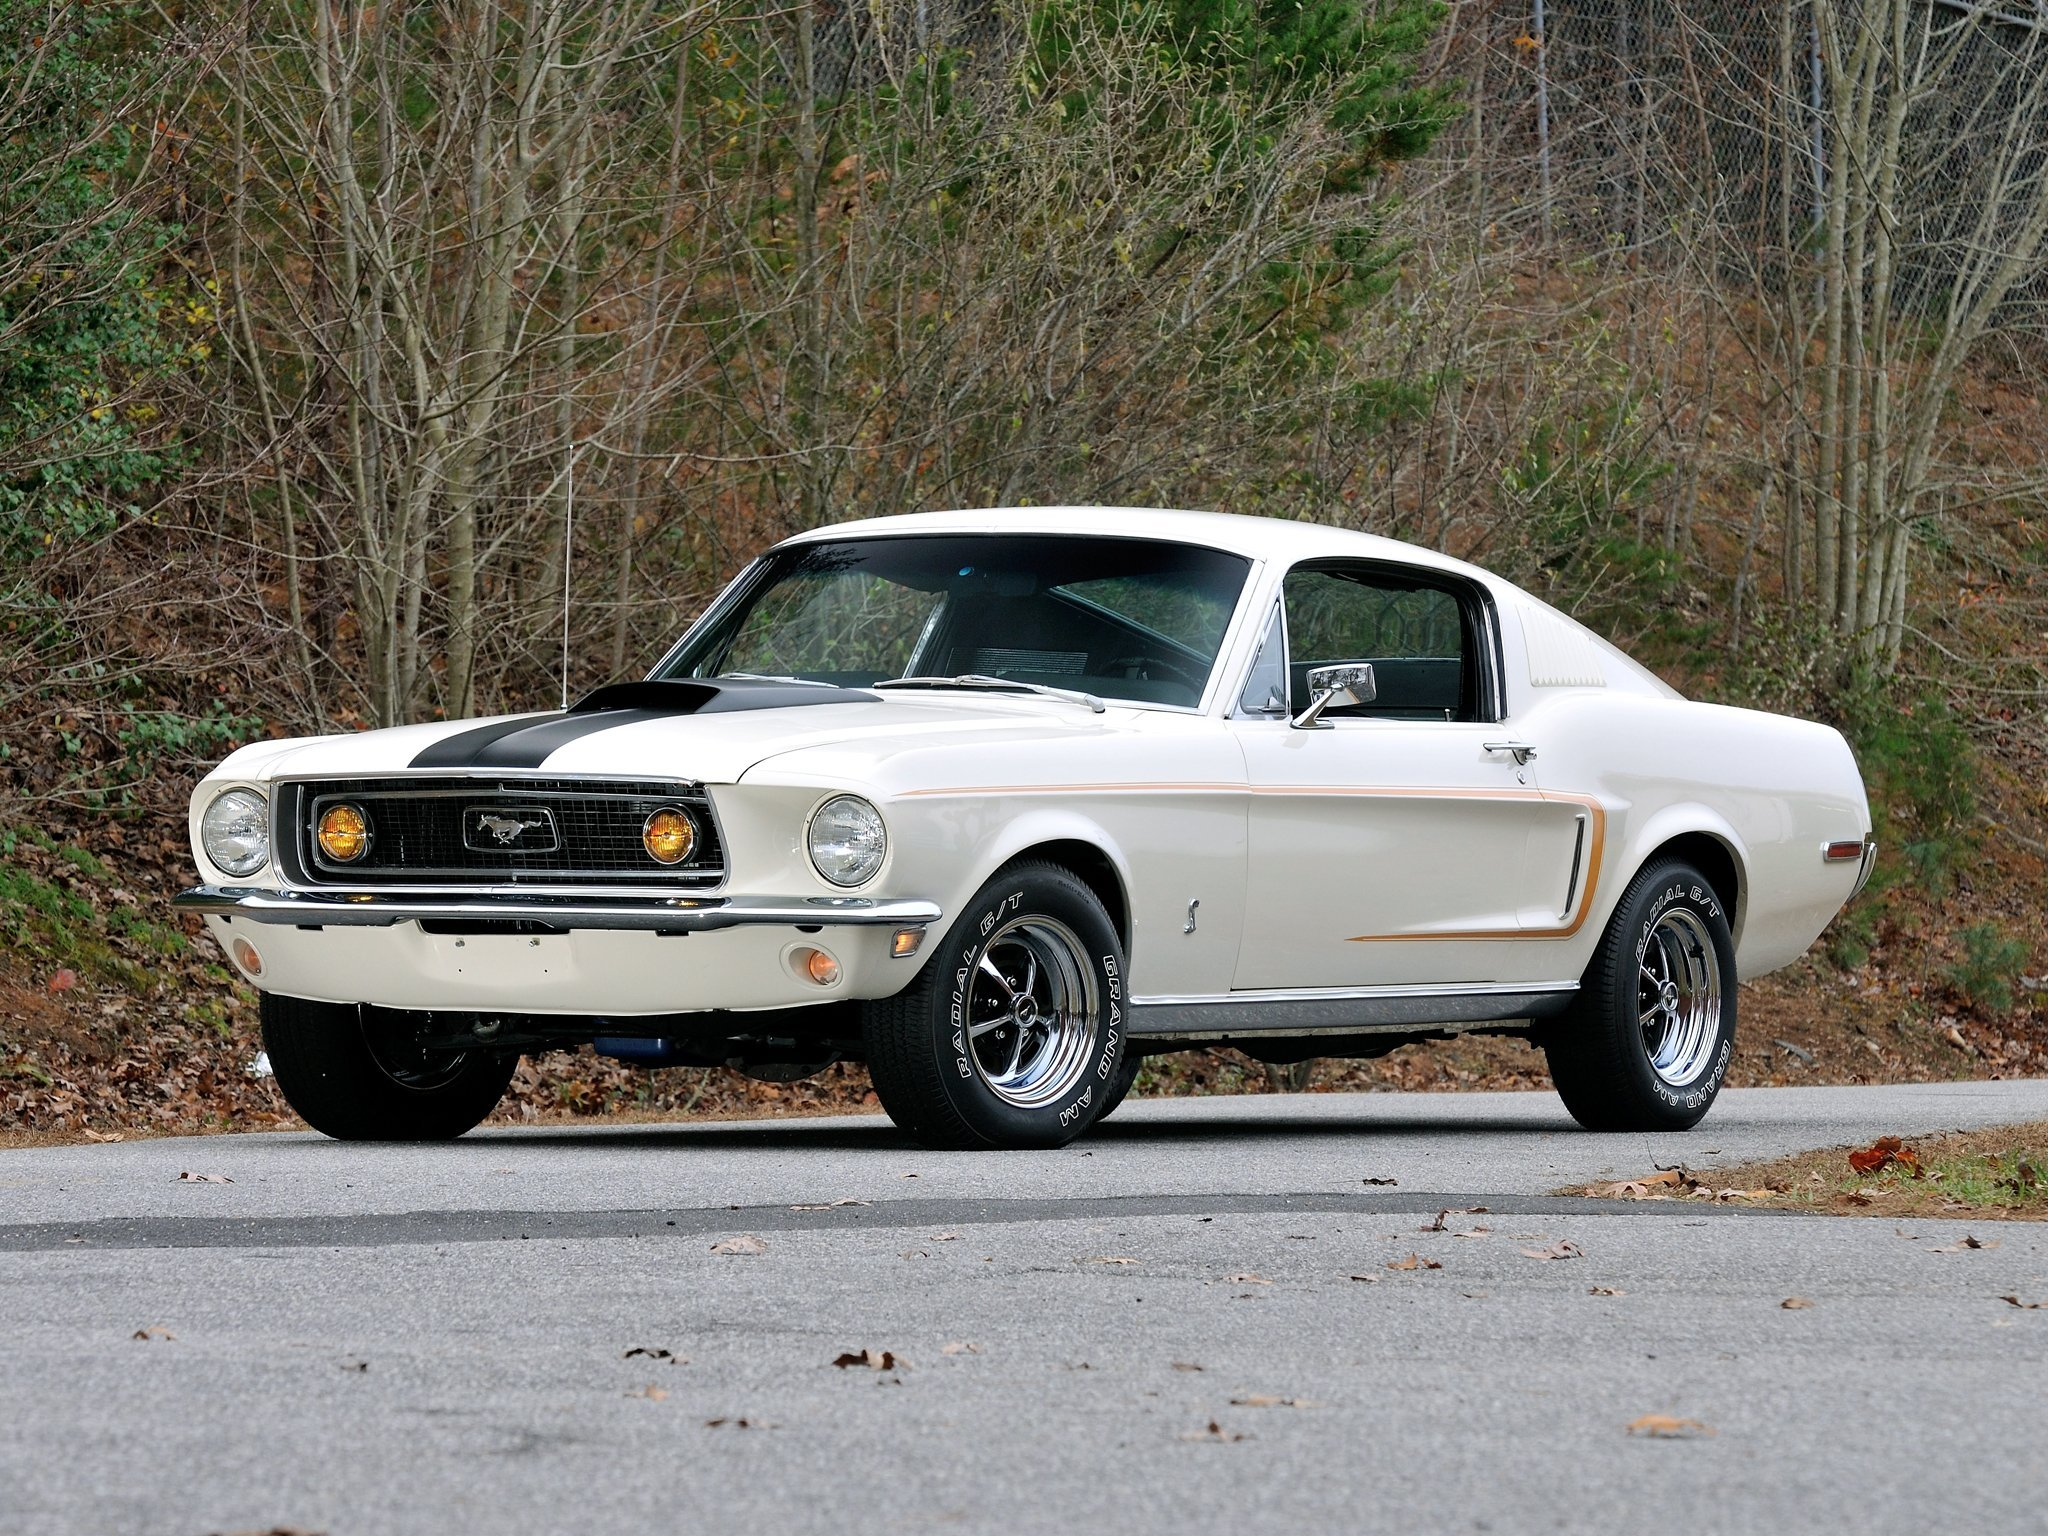 Mustang Cobra Jet >> 1968 Mustang Wallpaper - WallpaperSafari